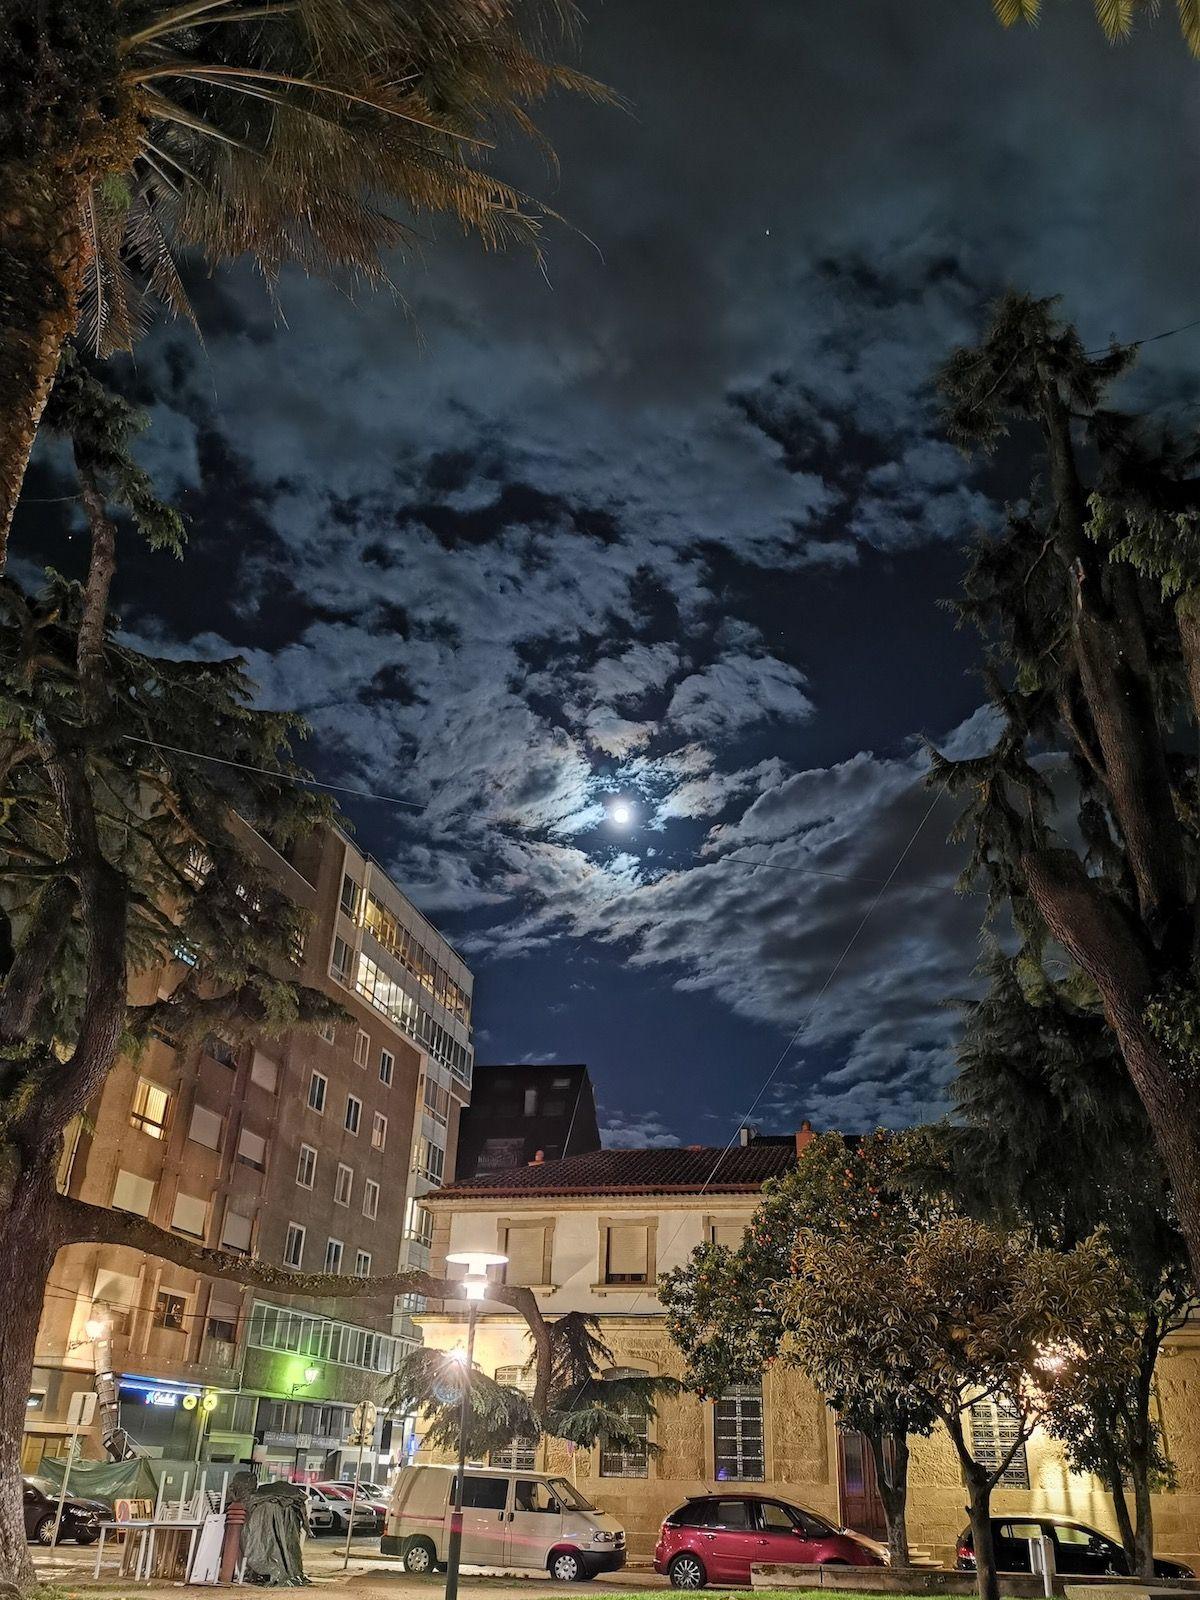 Fotos de noche con P30 Pro 5